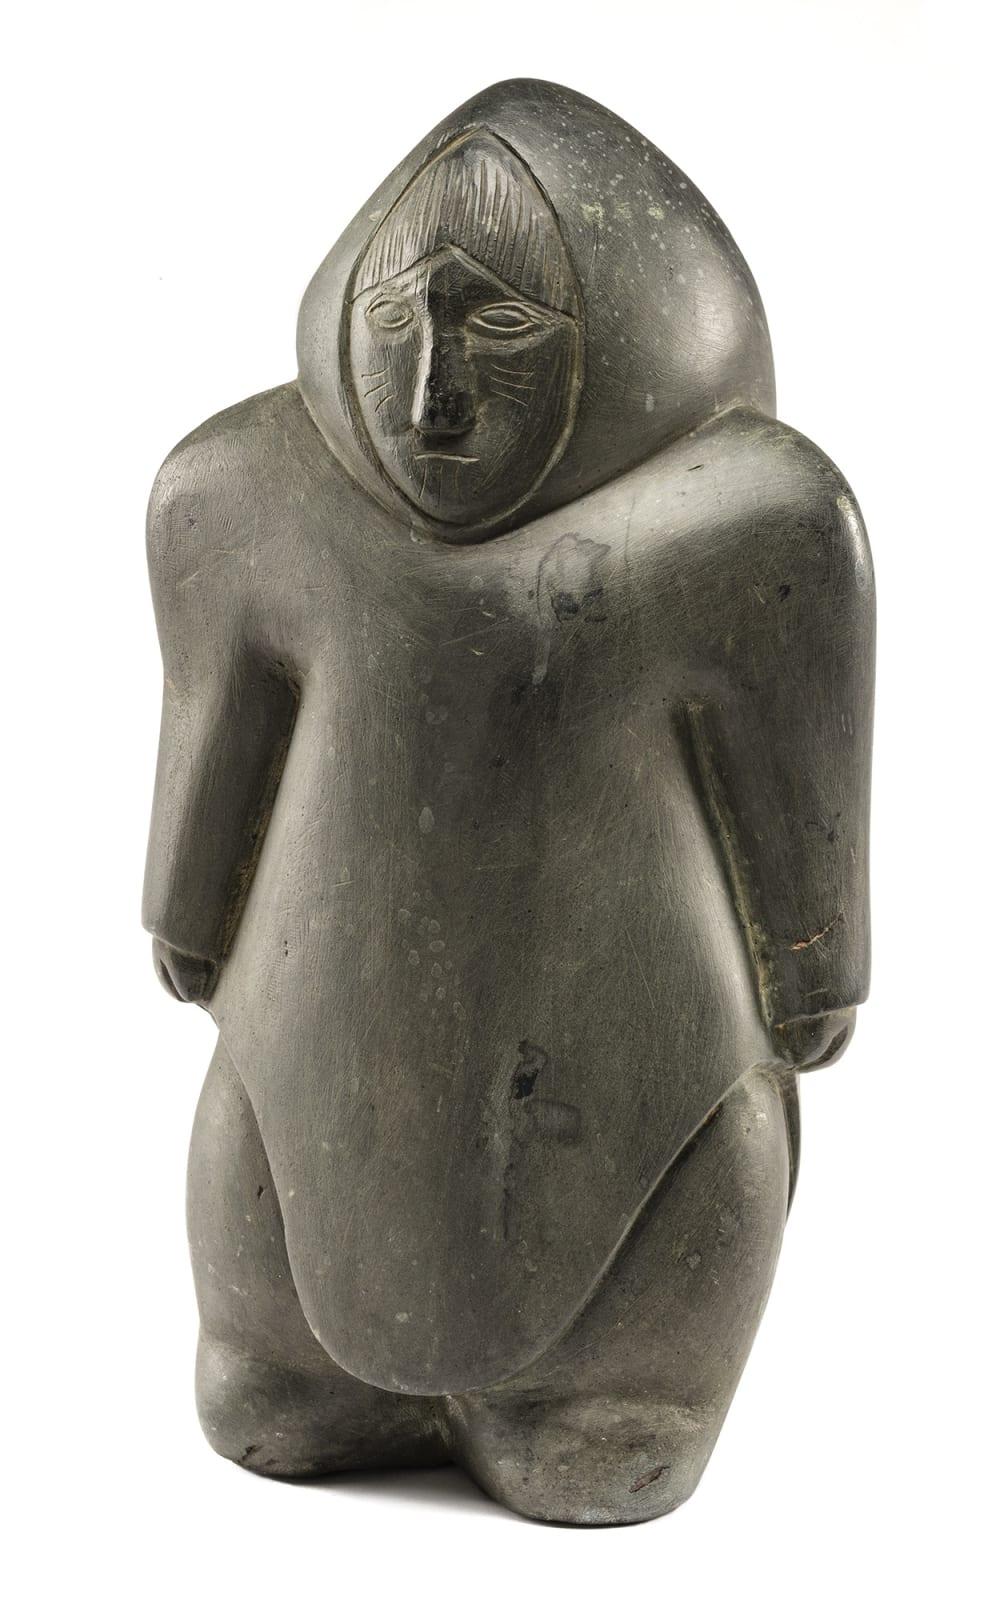 Lot 9 EFFIE ANGALI'TAAQ ARNALUAQ (1936-), QAMANI'TUAQ (BAKER LAKE) Standing Woman with Tattooed Face, c. 1983-84 stone, 14.5 x 7.5 x 7.5 in (36.8 x 19.1 x 19.1 cm) Estimate: $9,000 — $12,000